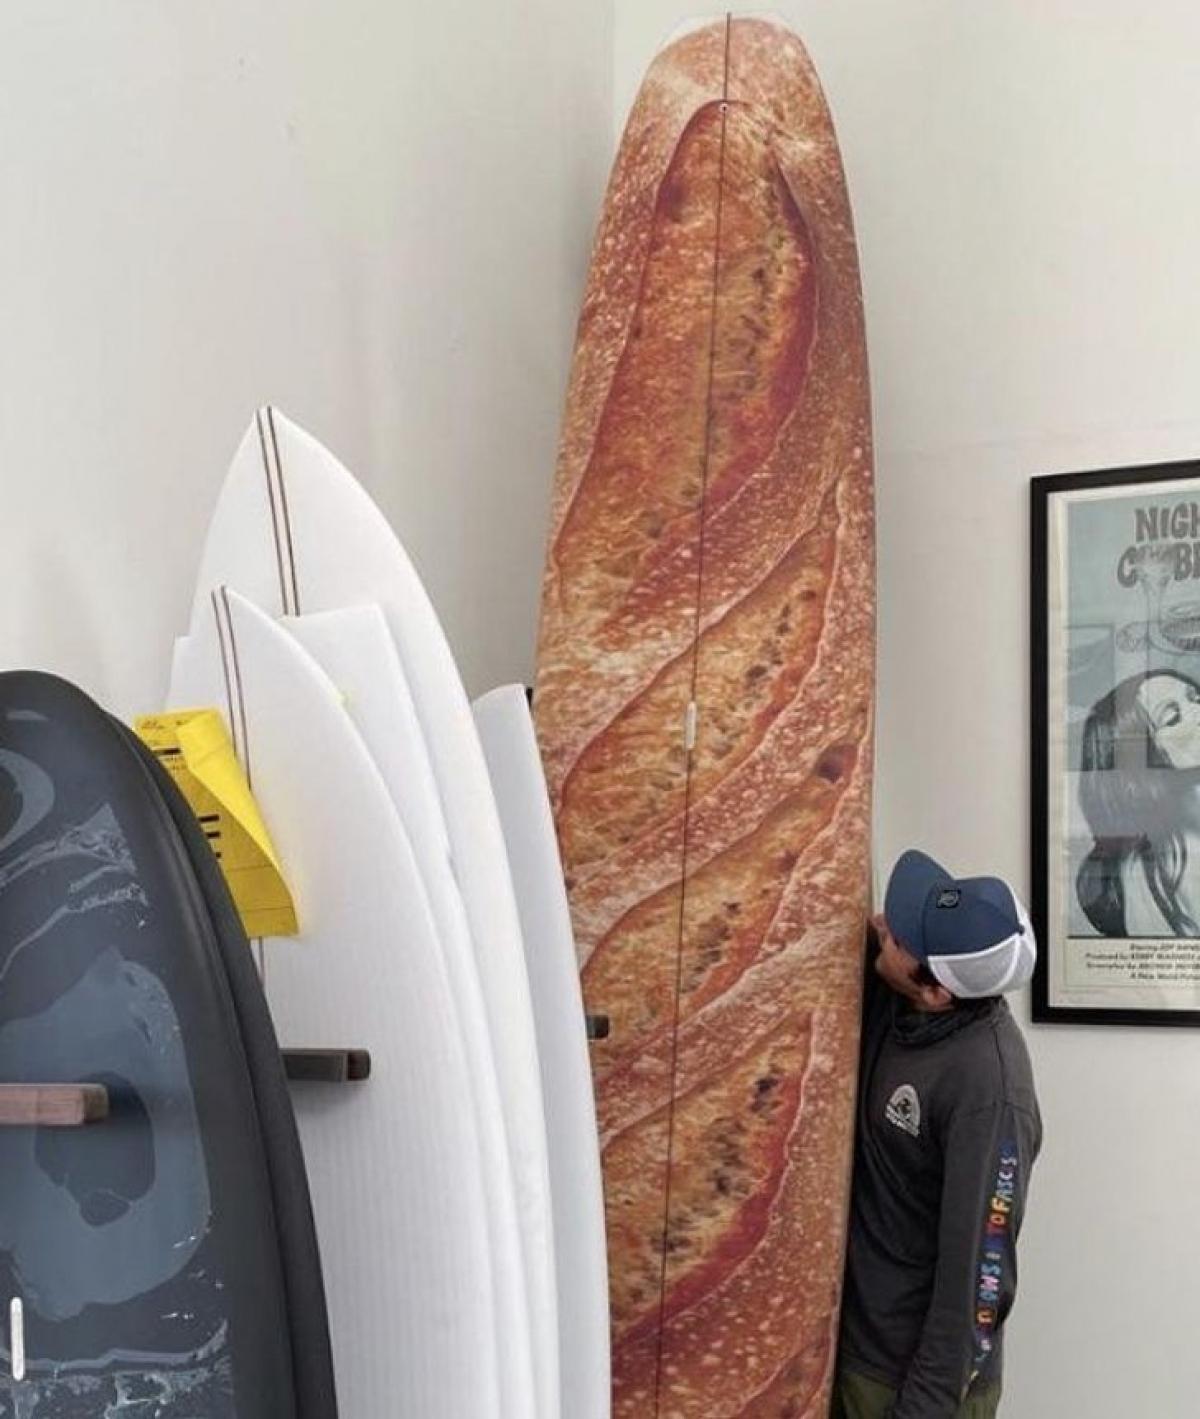 Chiếc ván lướt sóng độc đáo có hình chiếc bánh mỳ.